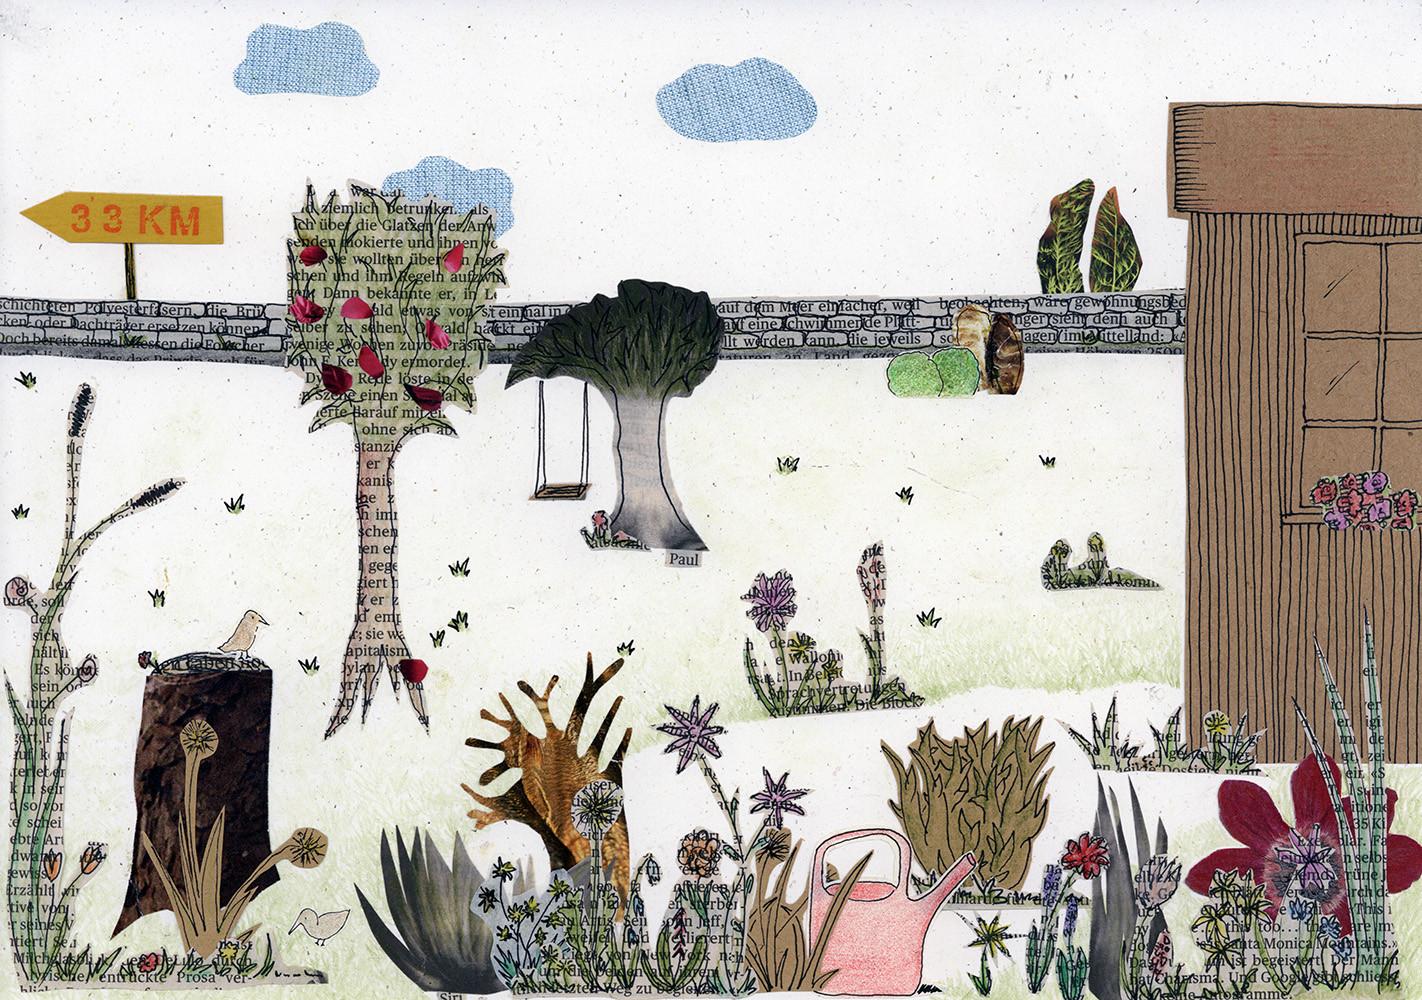 Sabine Rufener Illustration Kinderbuch Collage Kindheit Erinnerung Tollwut Fuchs Garten